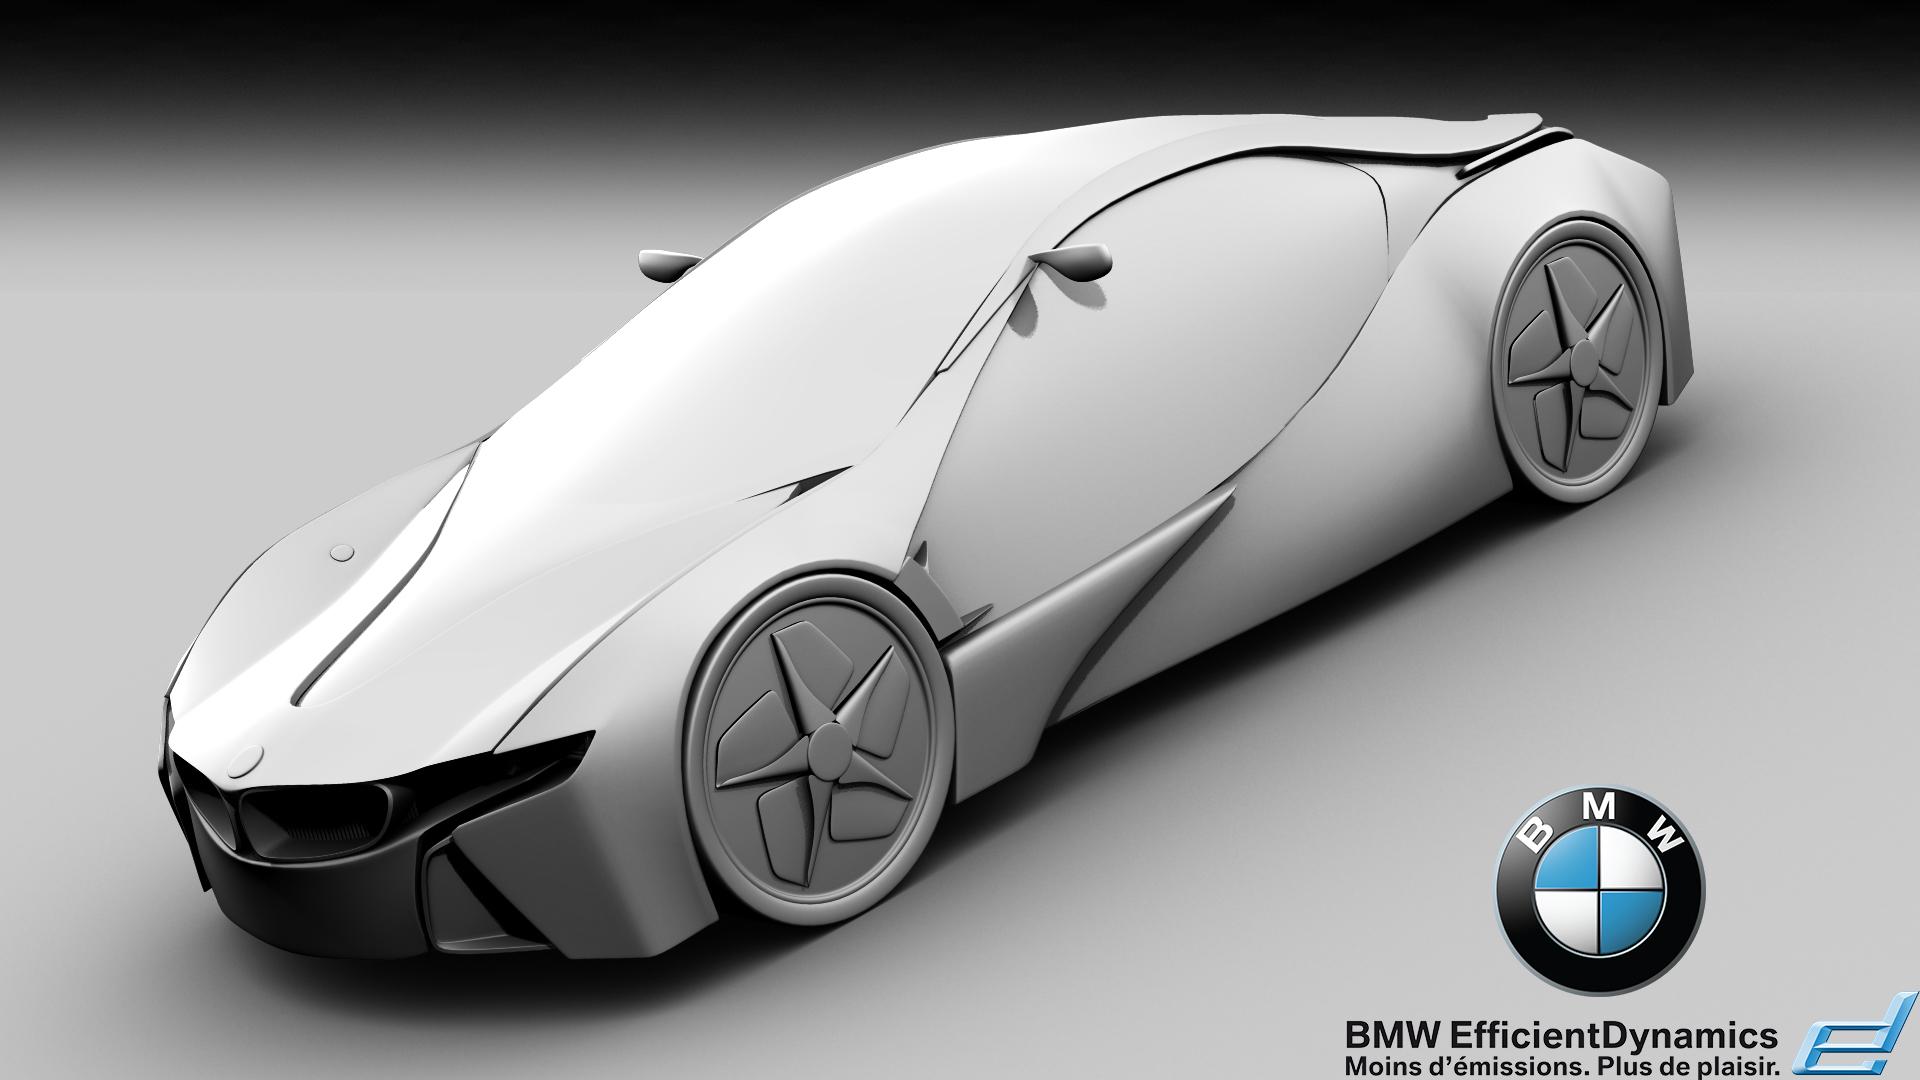 BMW Efficiant Dynamics